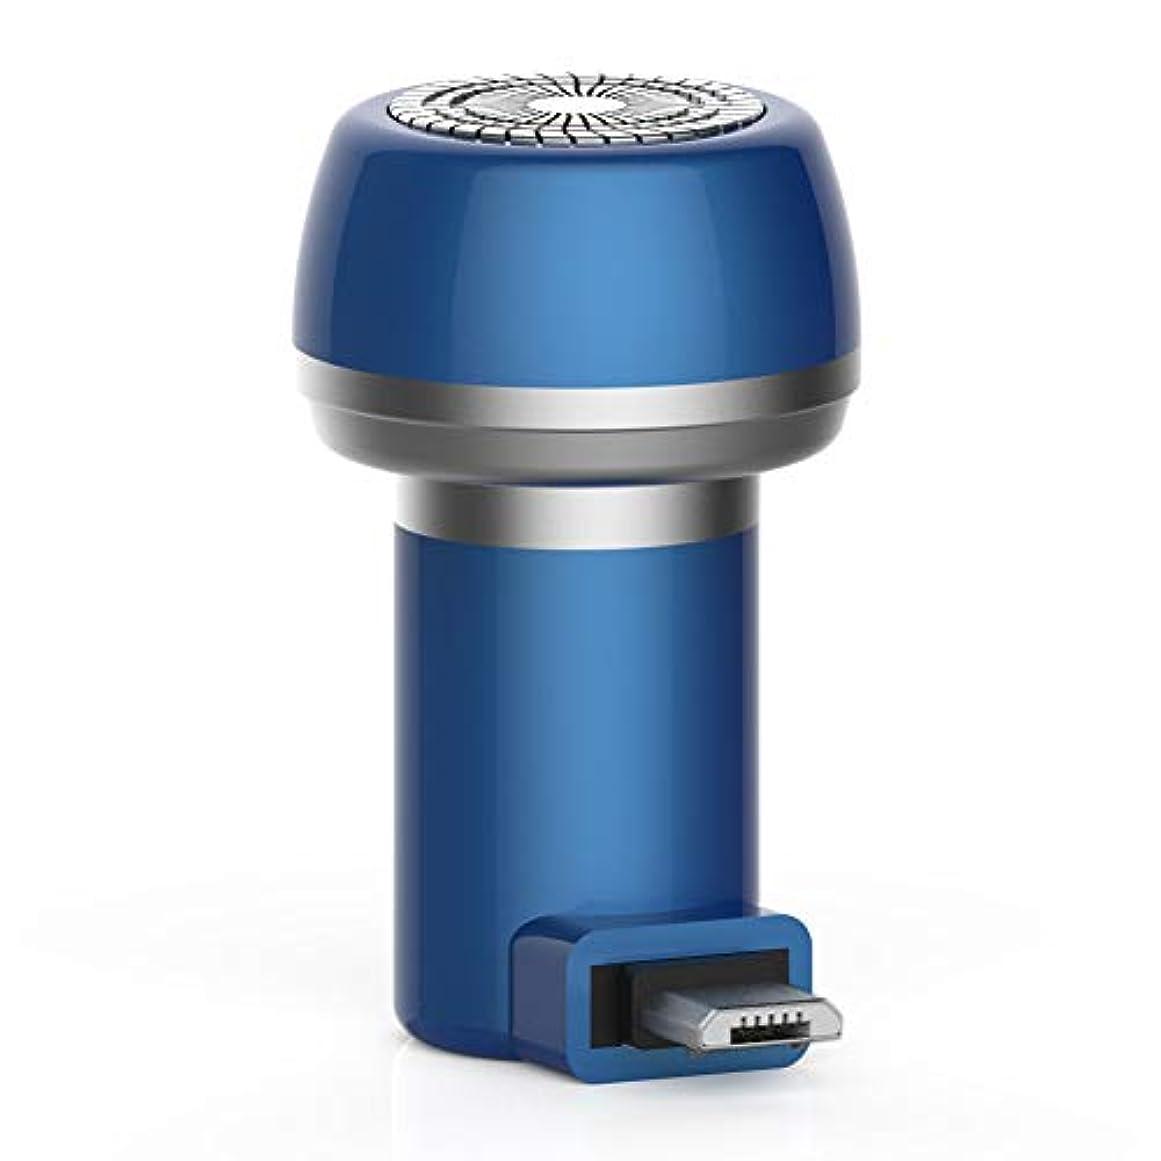 うぬぼれ吐くメタリックBeaurtty 2 1磁気電気シェーバーミニポータブルType-C USB防水剃刀